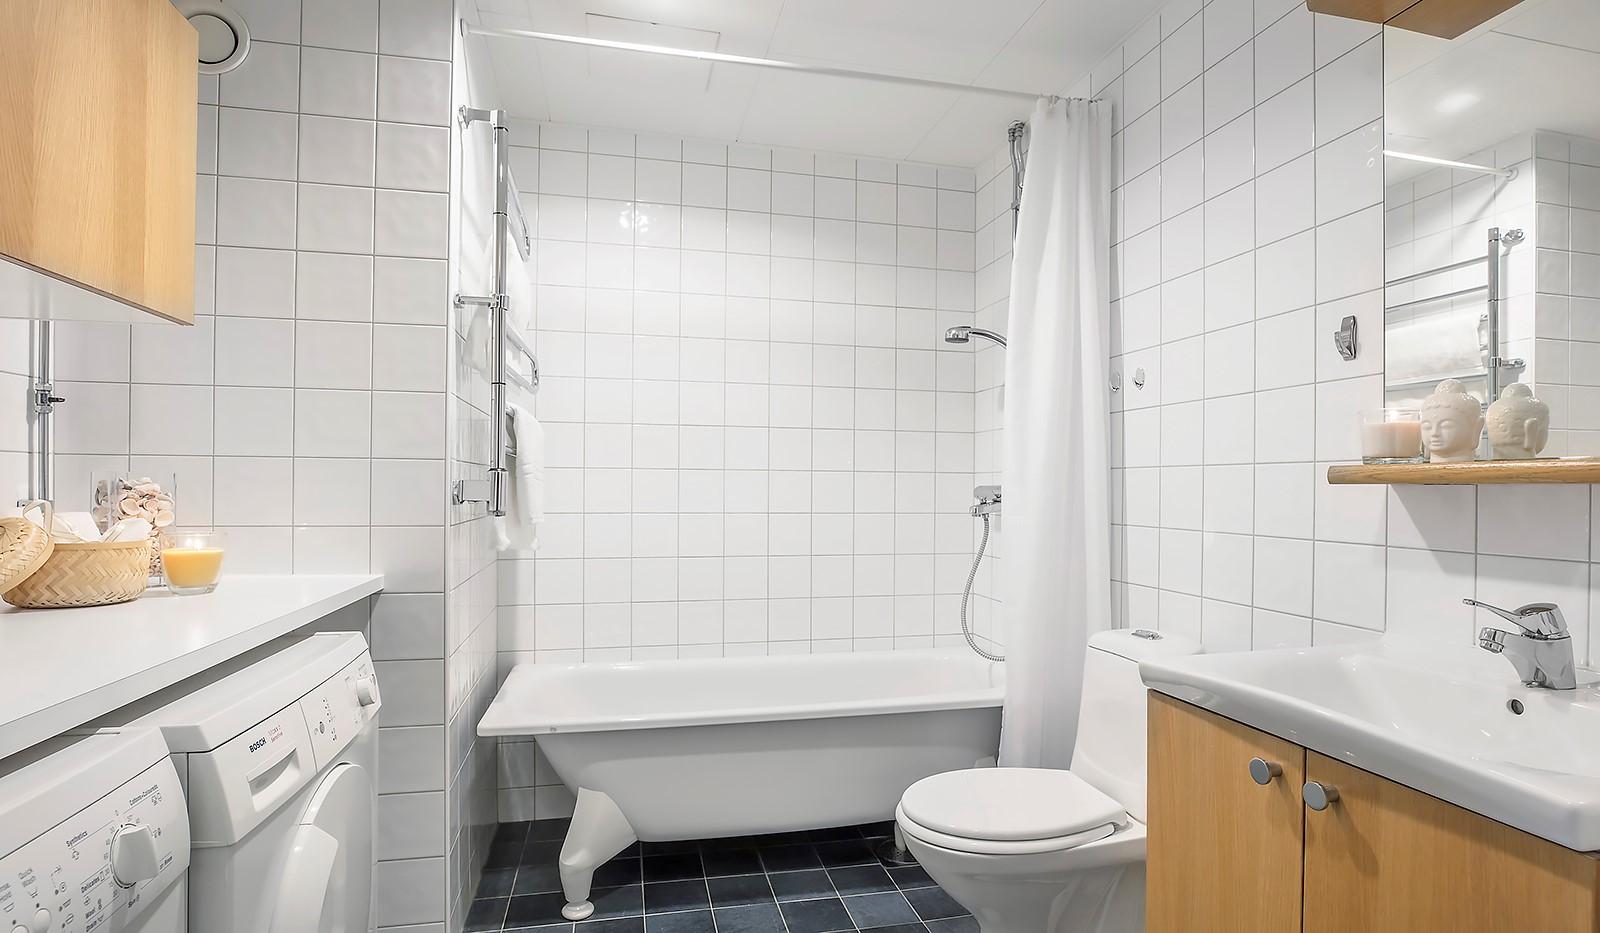 Vingårdsgatan 8, 3tr - Helkaklat badrum med badkar och golvvärme